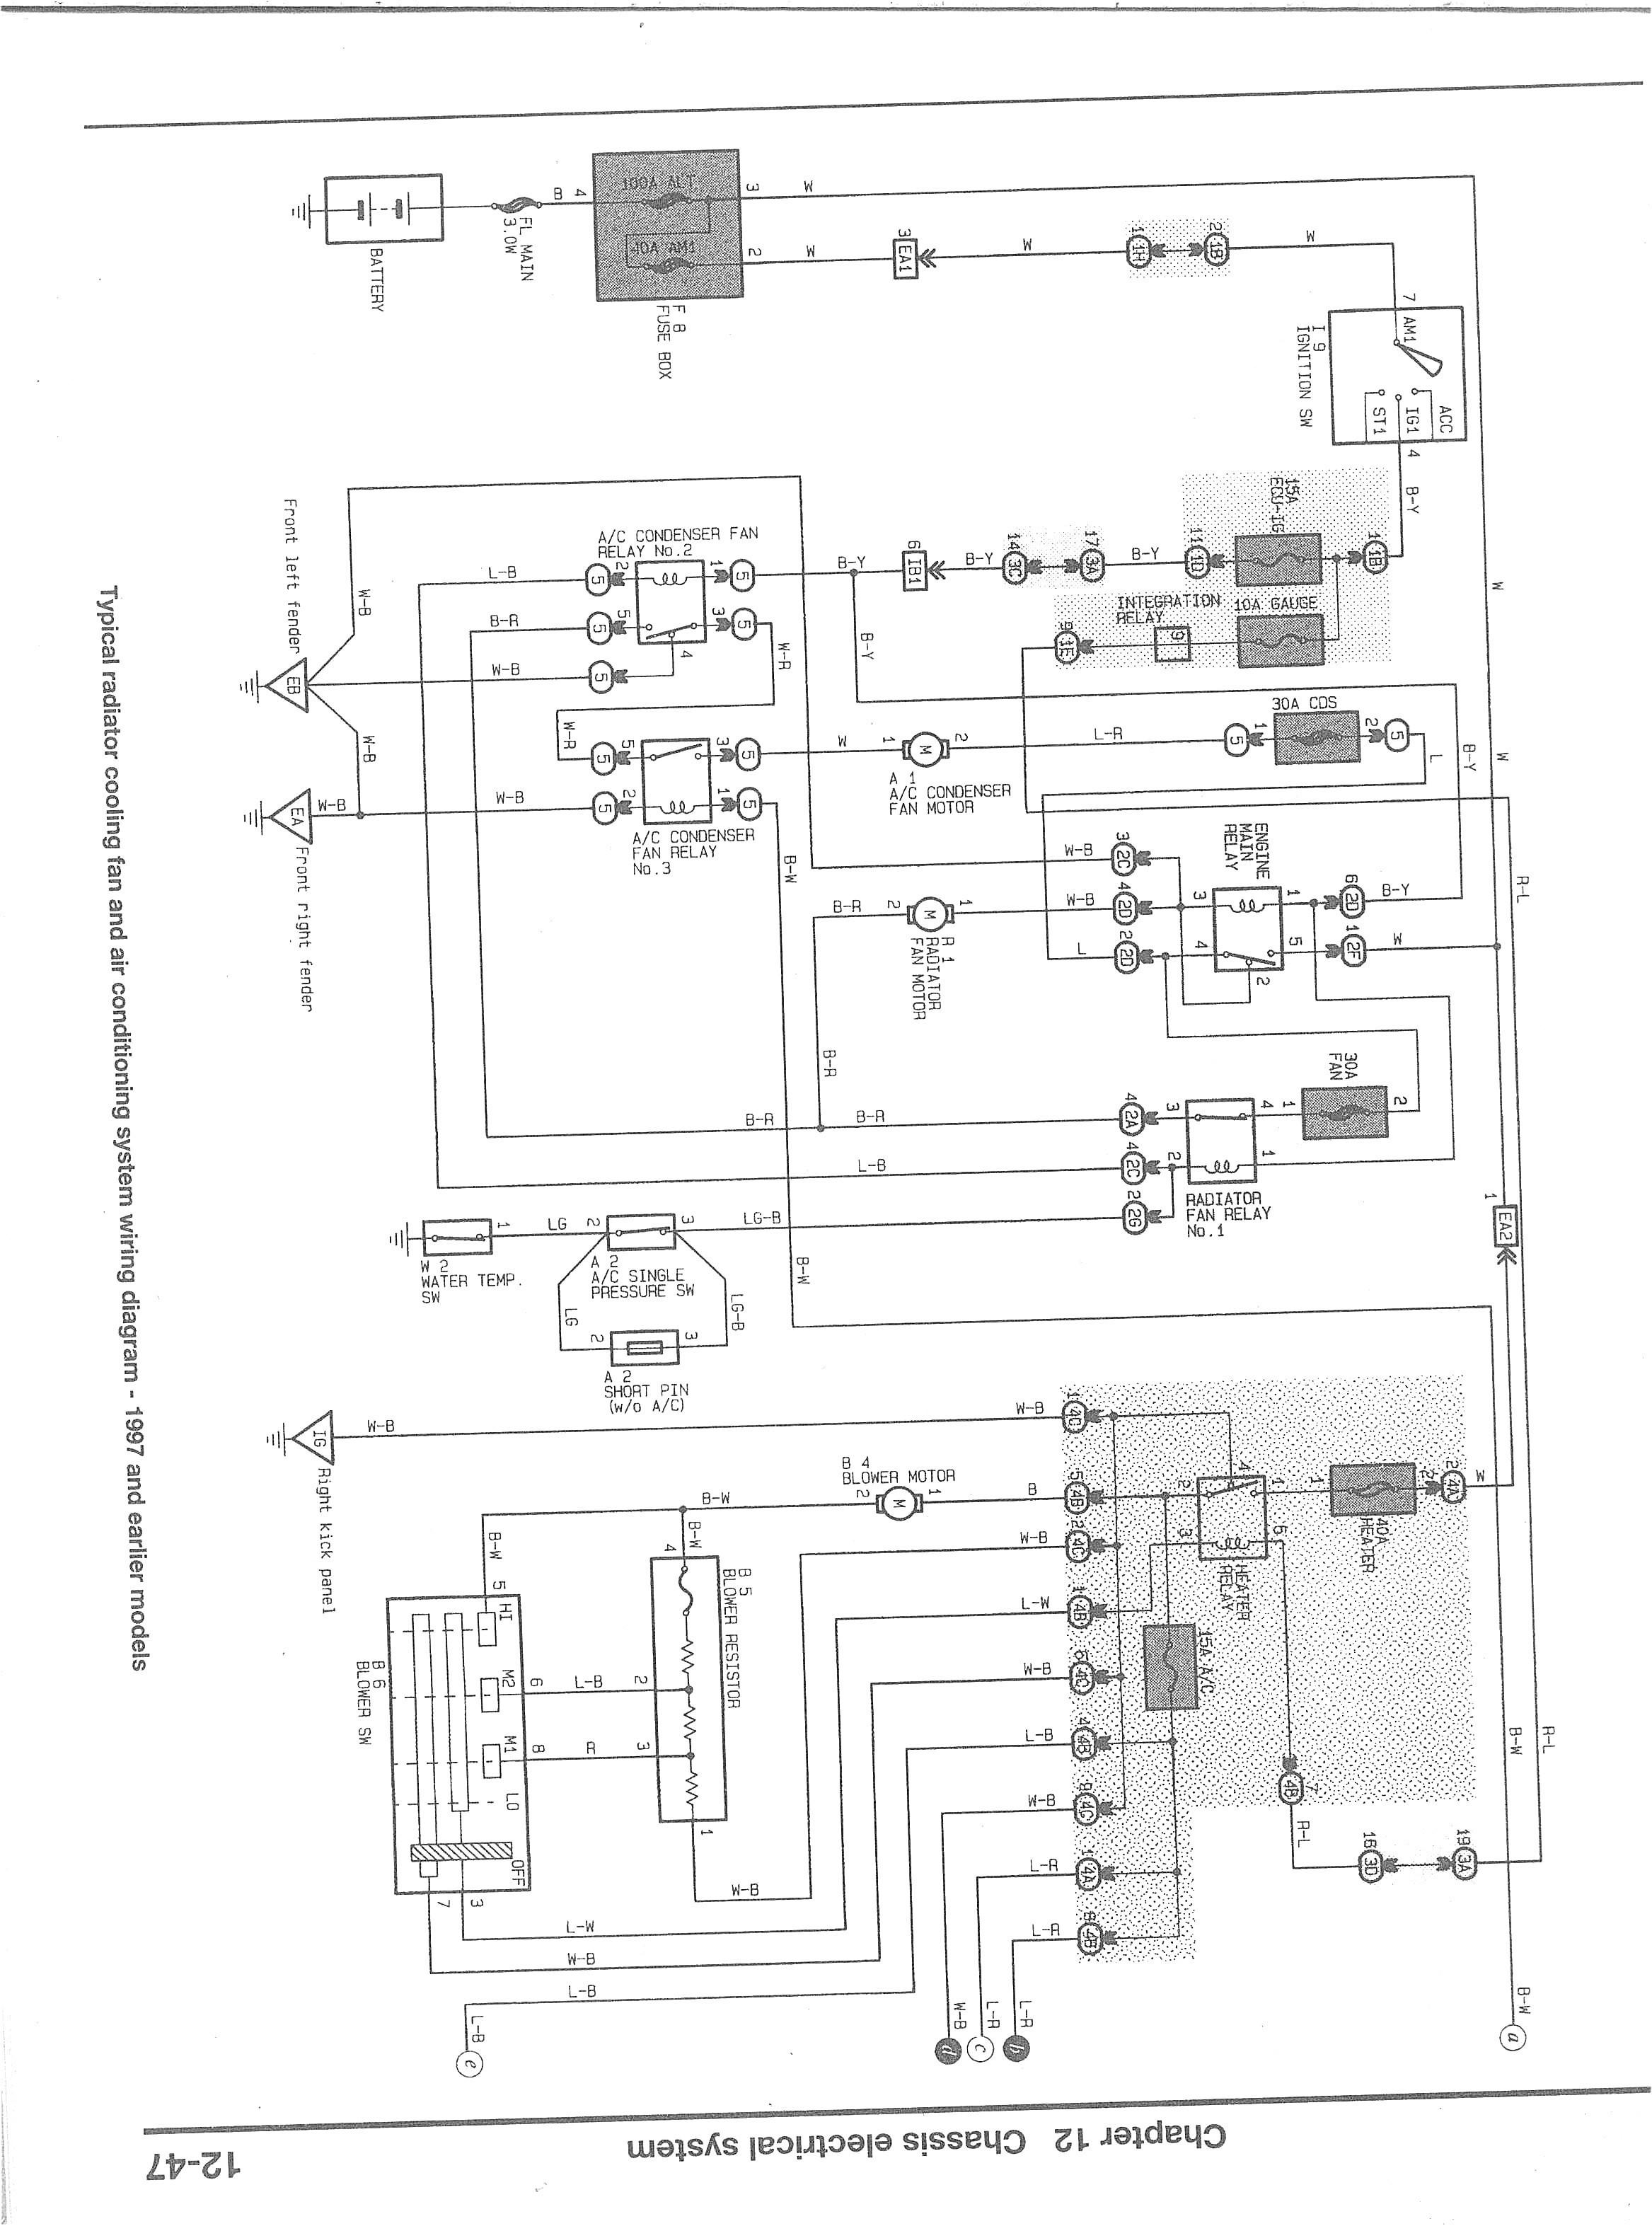 Marvelous Goodman Air Conditioner Wiring Diagram Rate York Handler Valid Wiring Cloud Hemtegremohammedshrineorg